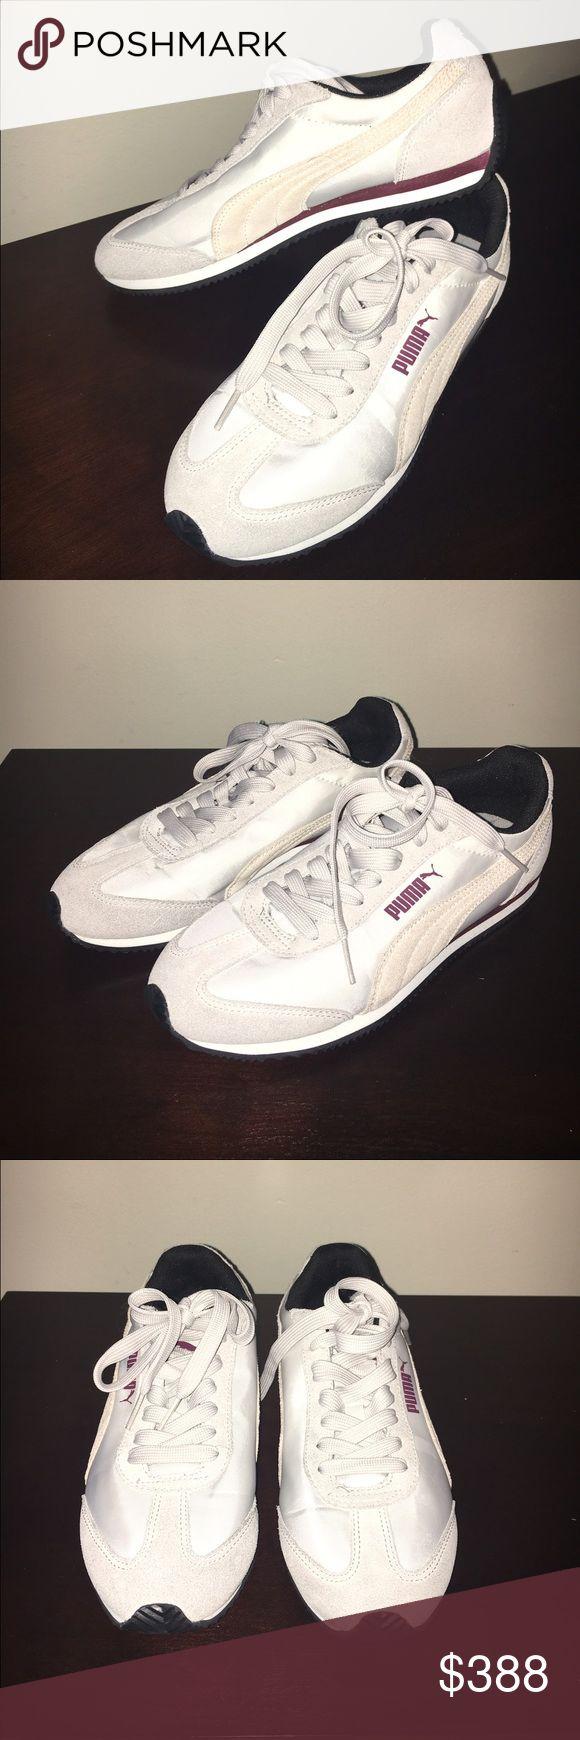 Puma tennis shoes Puma tennis shoes excellent condition. Puma Shoes Athletic Shoes